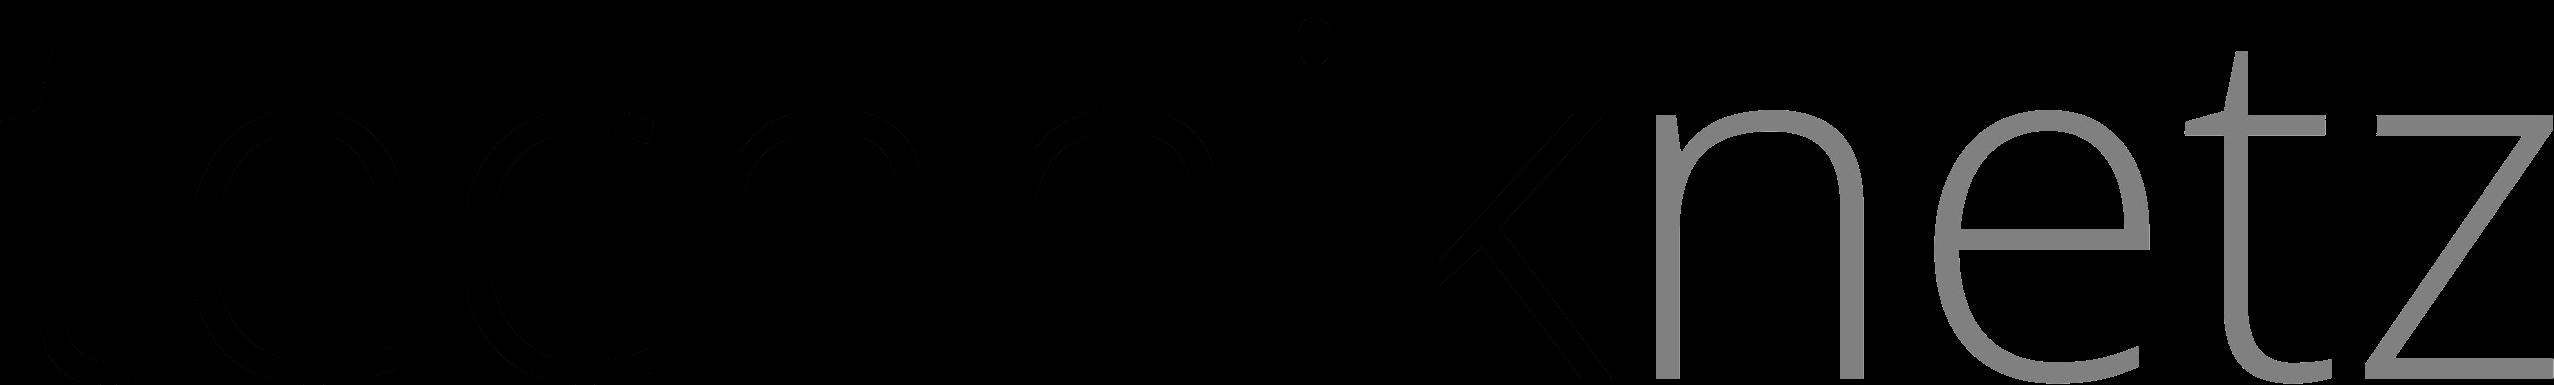 TECHNIKNETZ_Brands_TECHNIKNETZ_Logo_01_schwarz